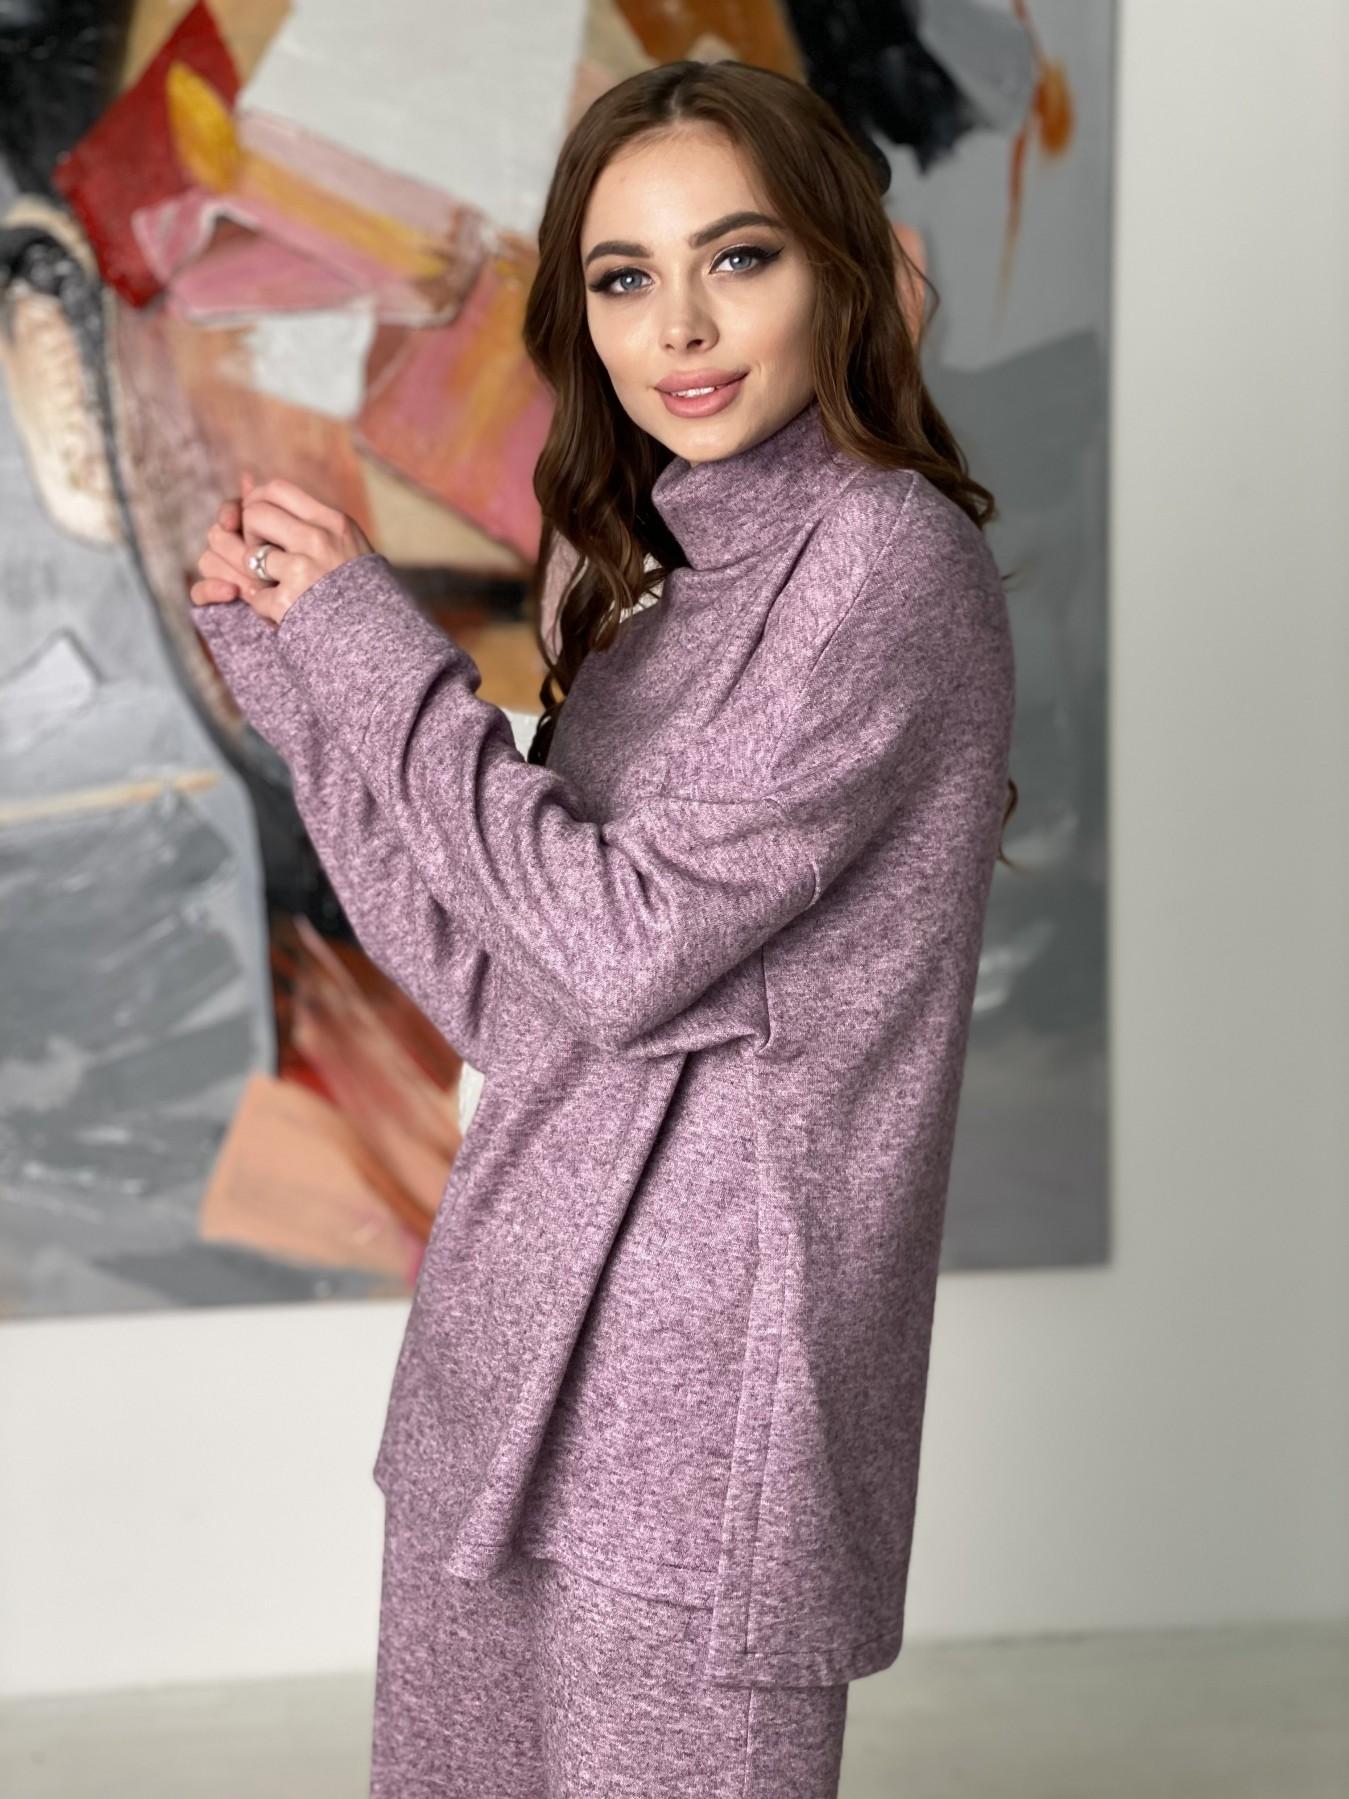 Лав Ю костюм из ангоры 10531 АРТ. 46874 Цвет: Сирень Темная Меланж - фото 10, интернет магазин tm-modus.ru